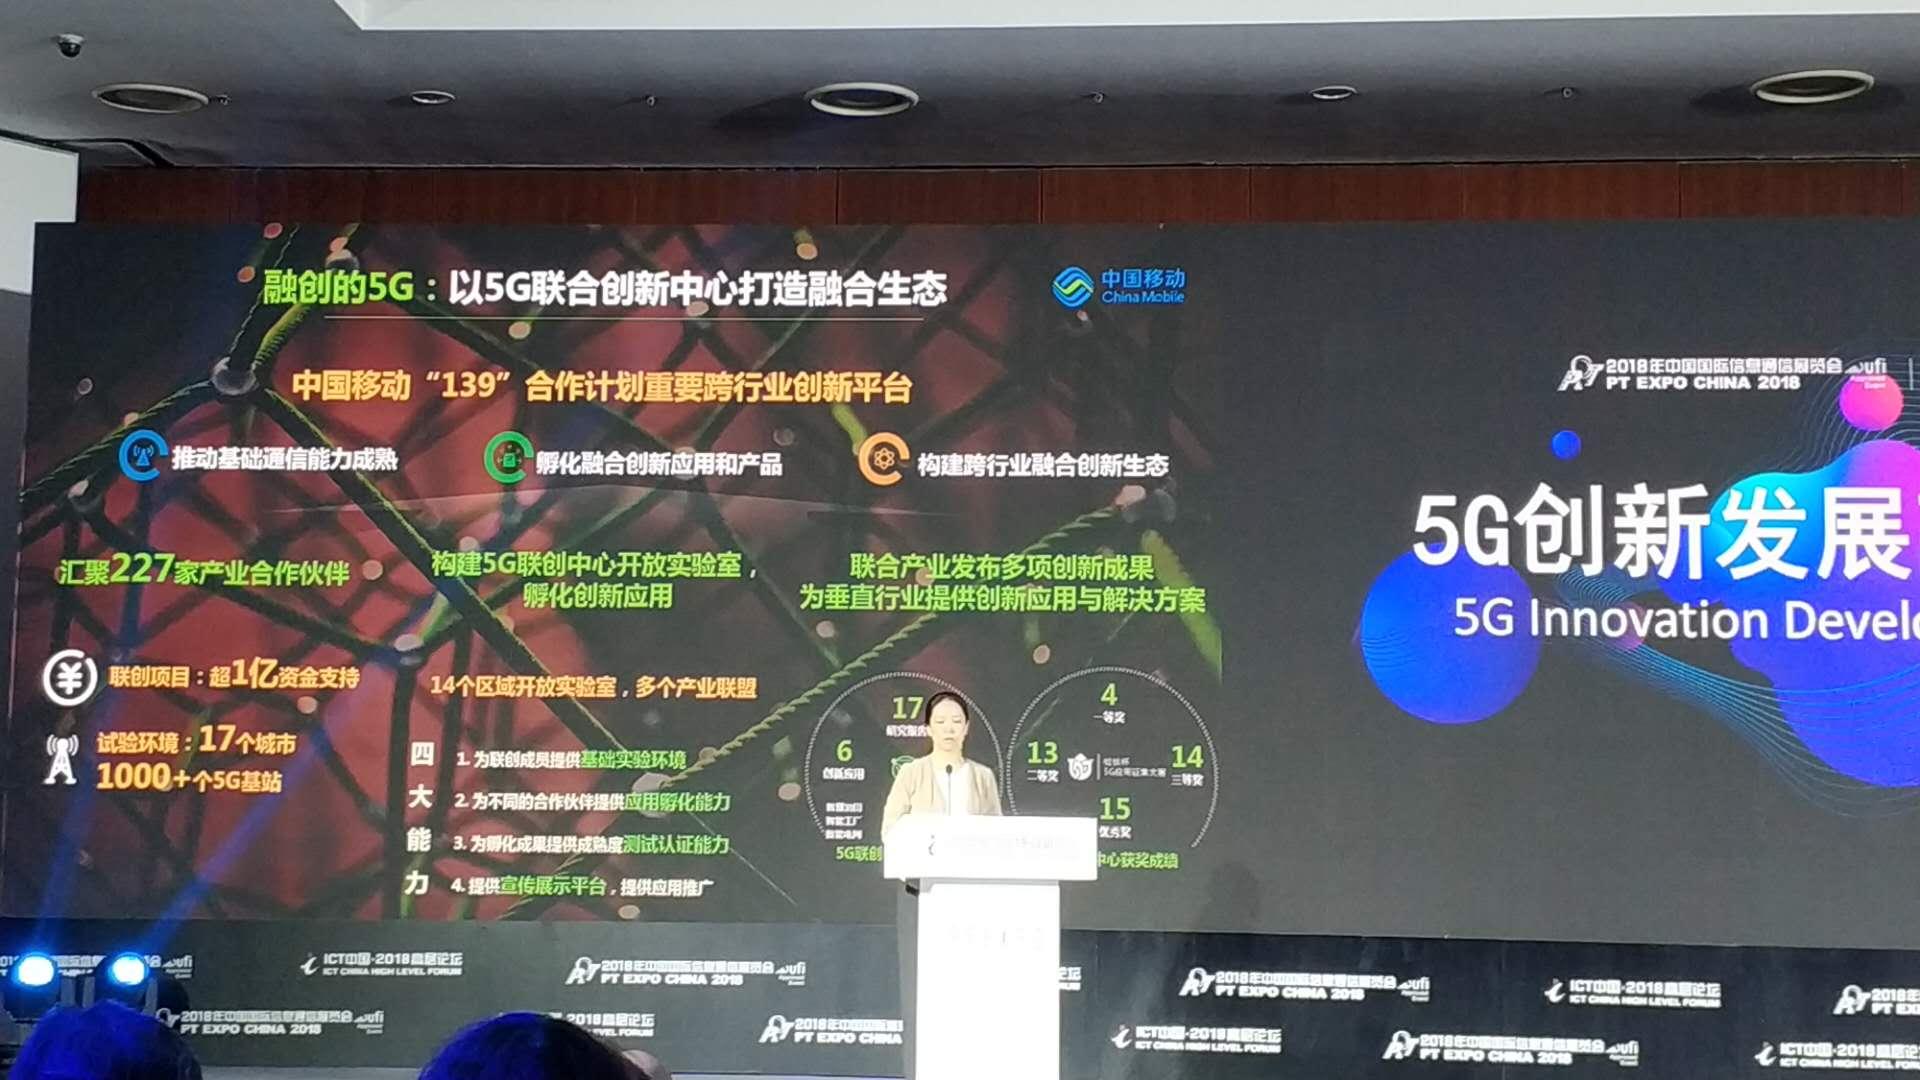 中国移动主导完成5G<font color=